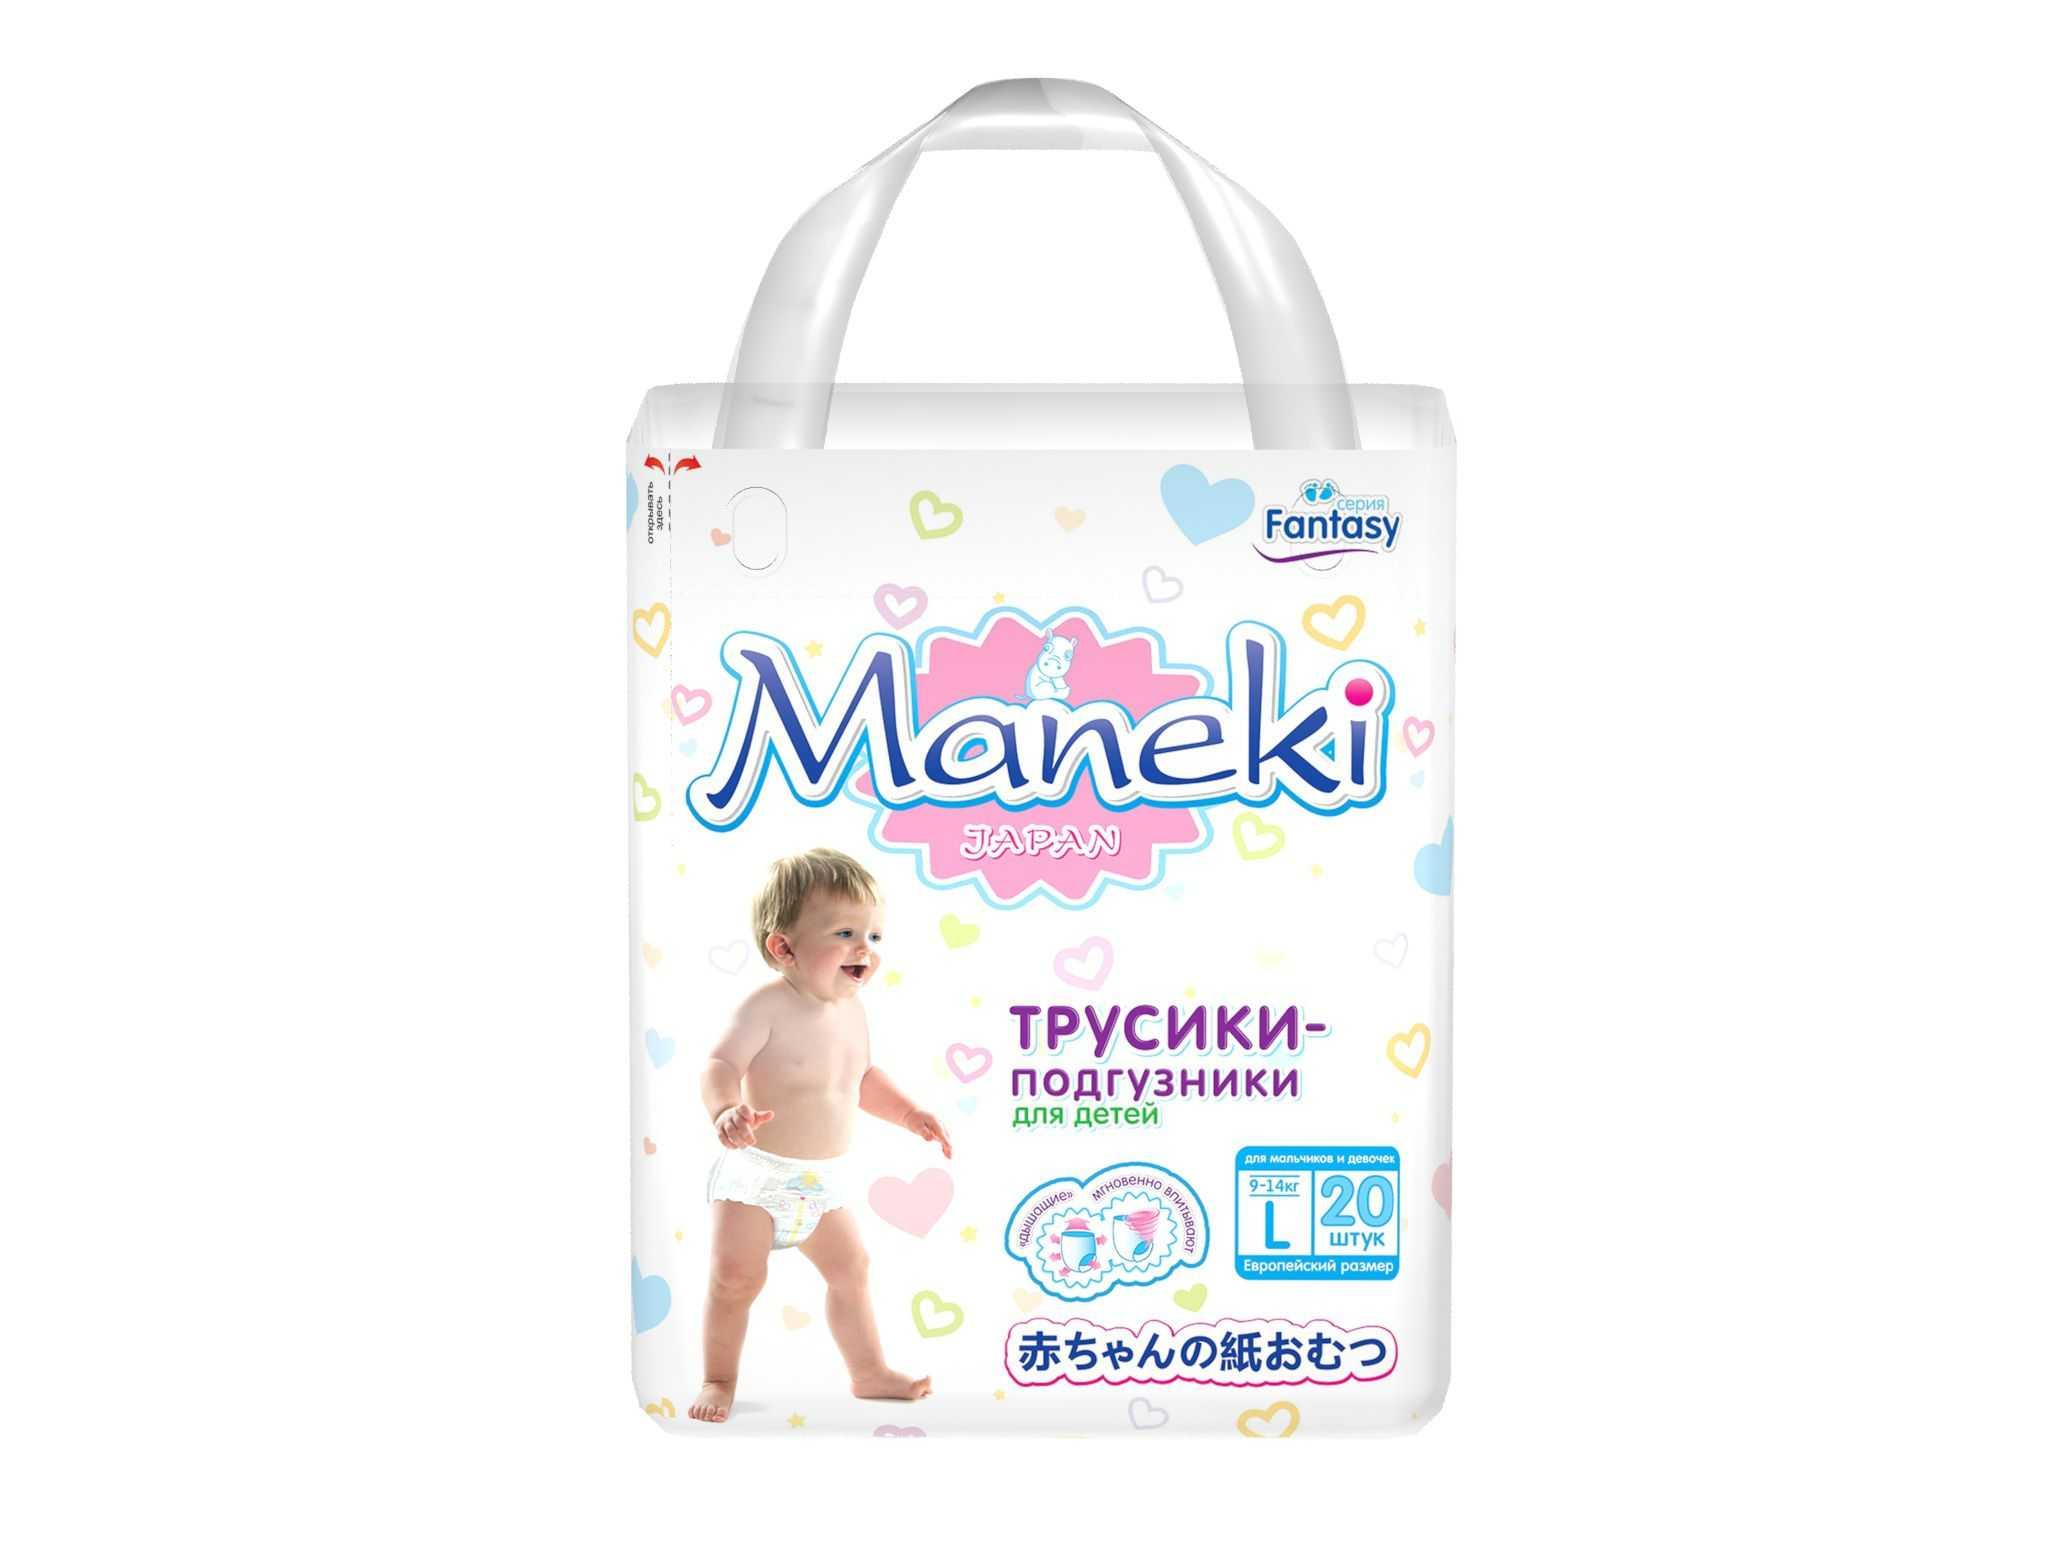 Подгузники maneki: выбираем японские памперсы-трусики chibi neko и fantasy, отзывы